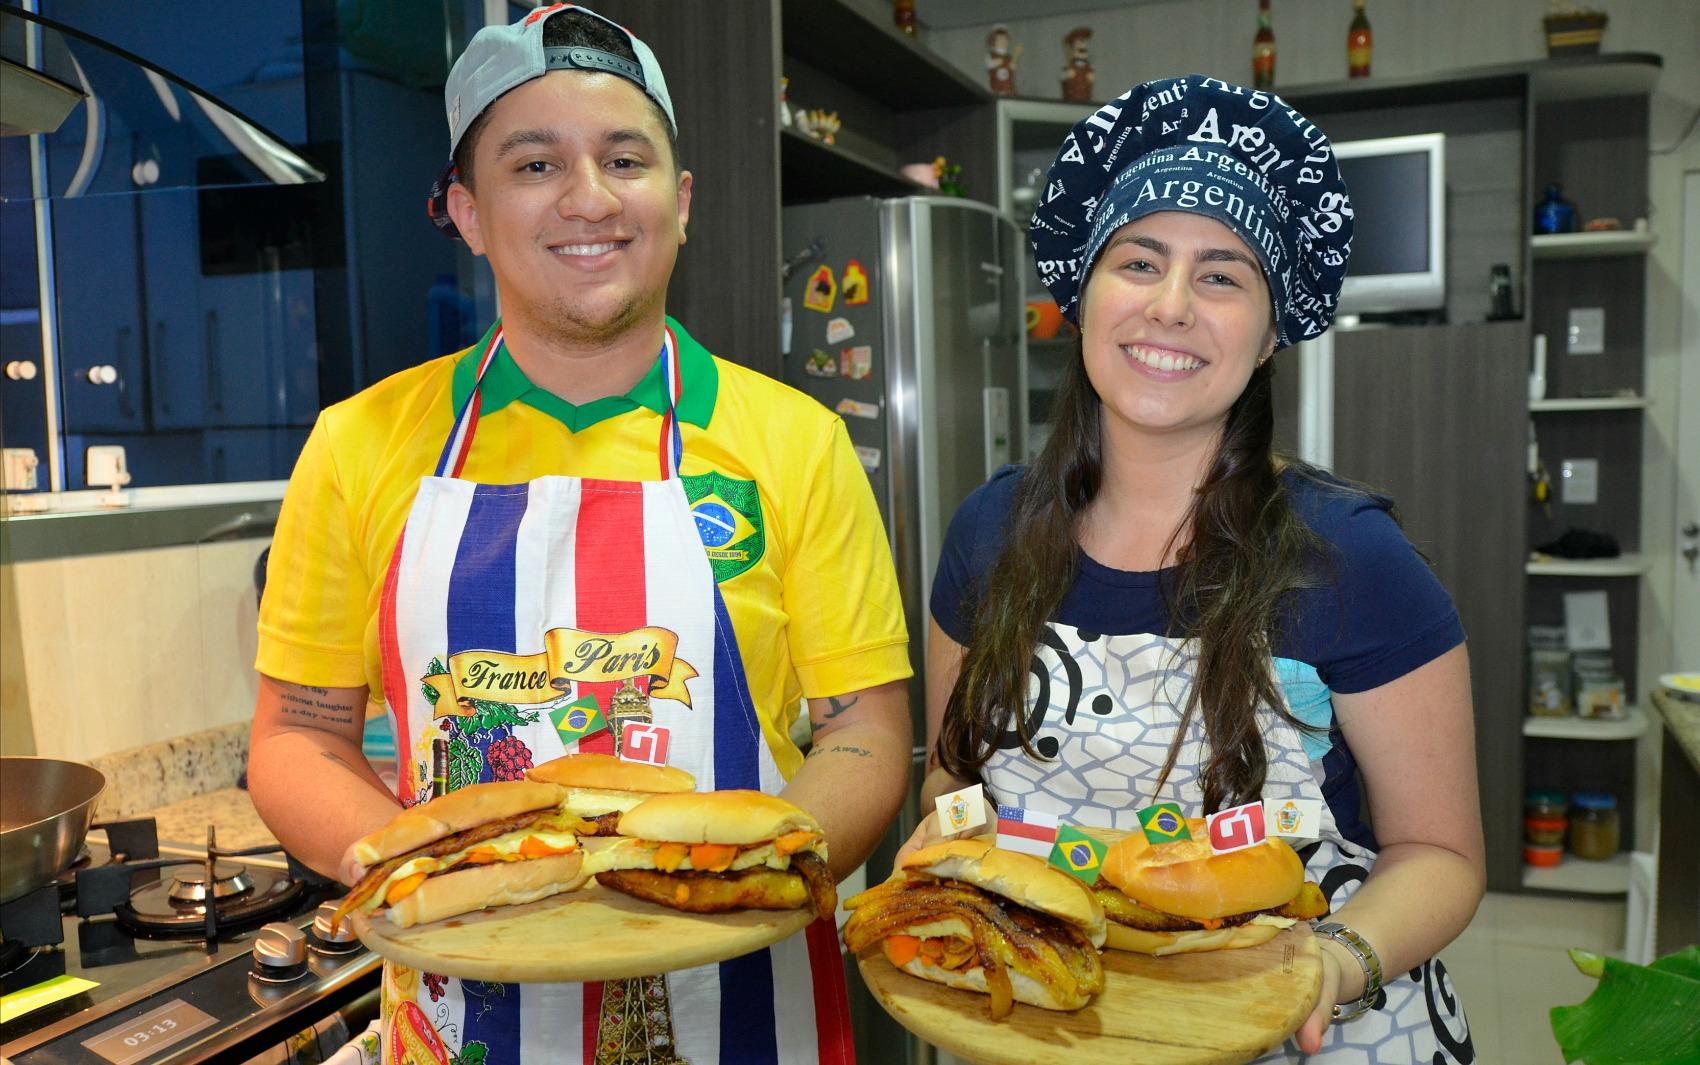 A receita do X-Caboquinho foi preparada pelos blogueiros culinários Victor Israel e Adriana Mannarino, do blog local 'É de comer?'.